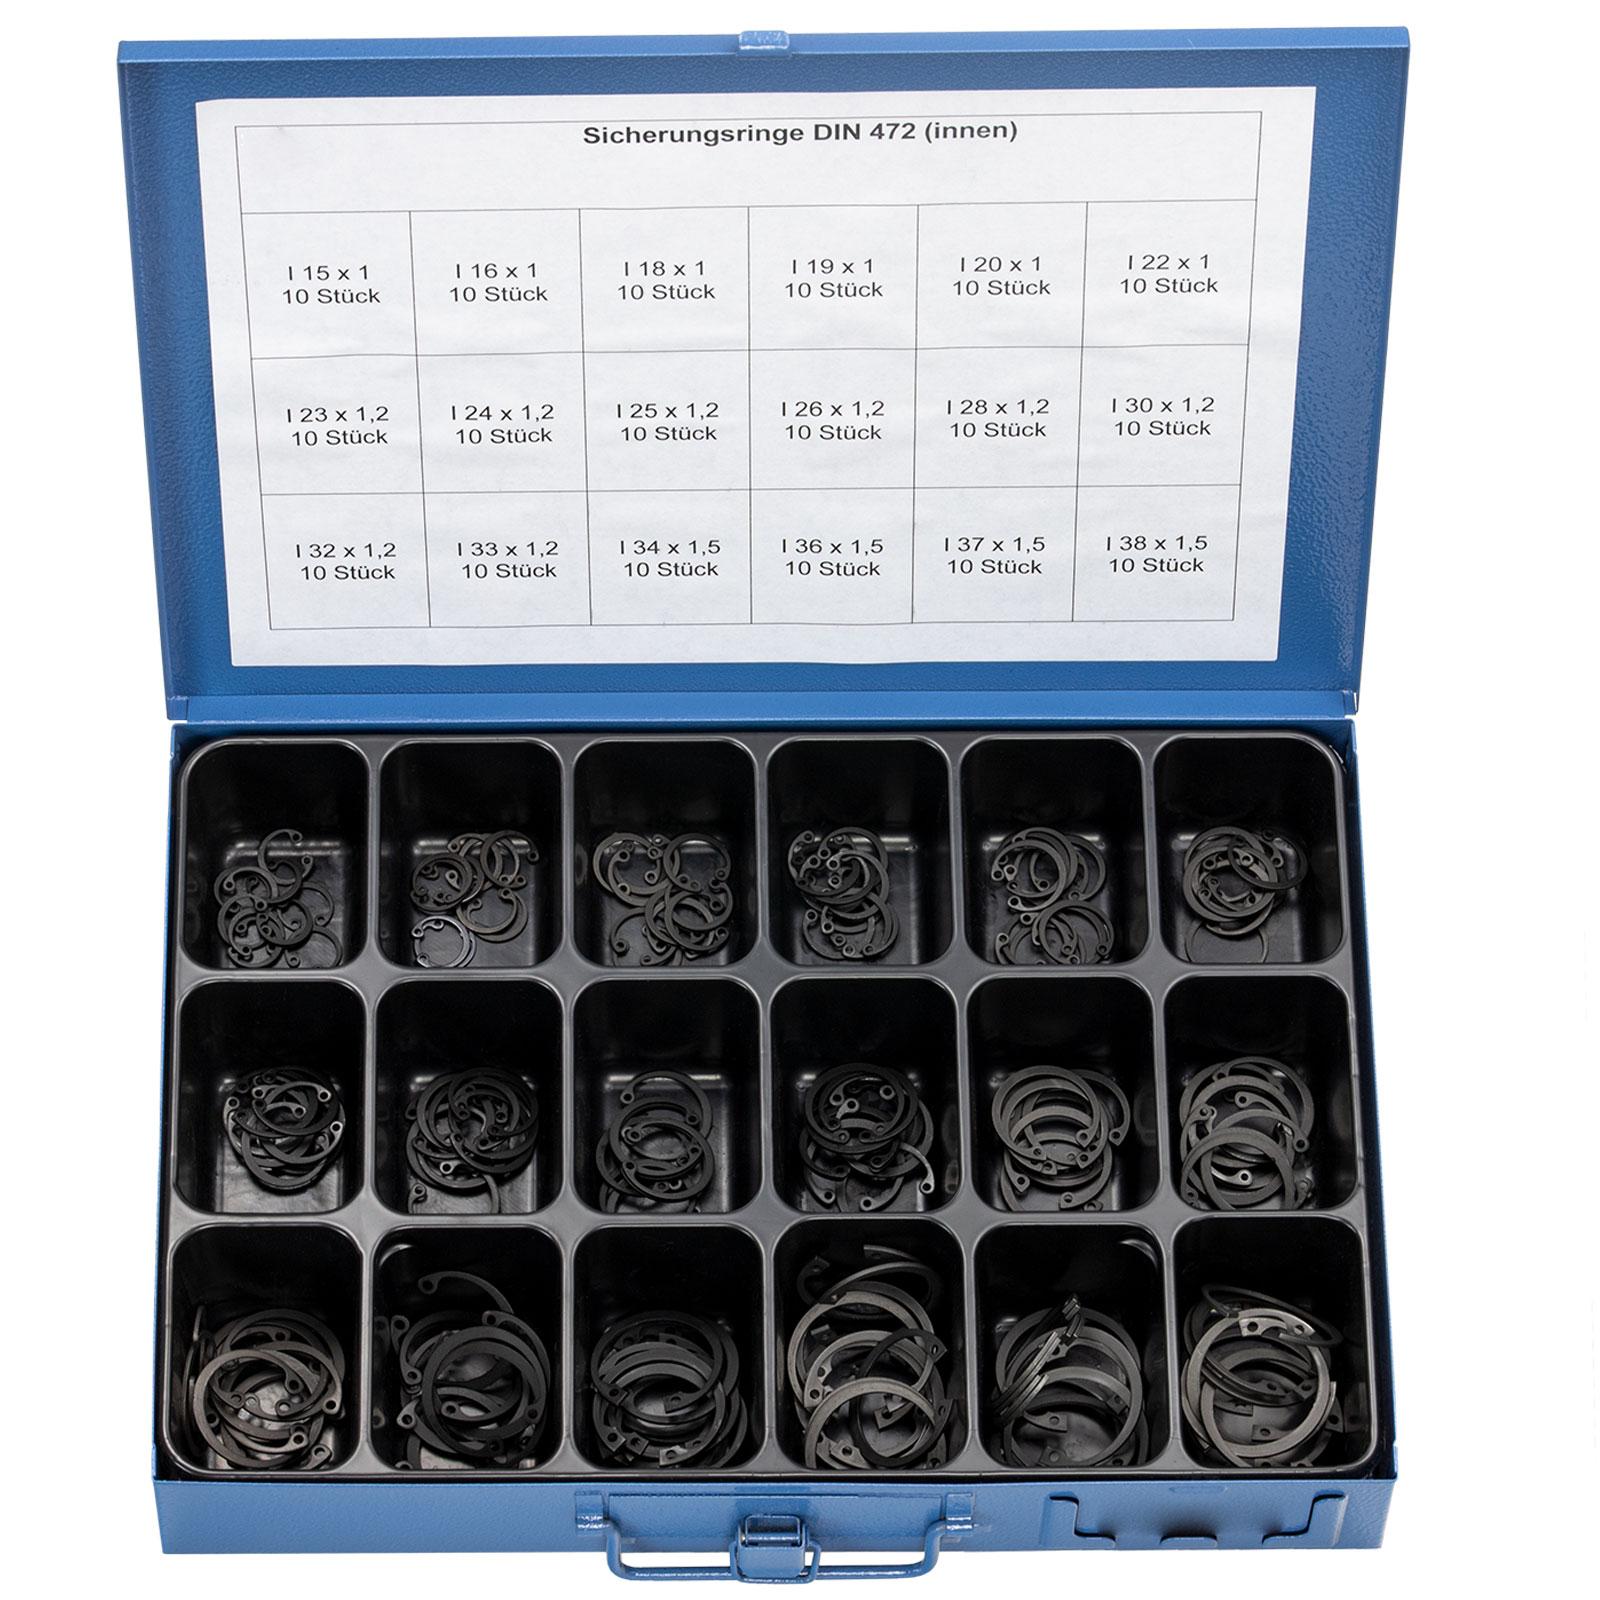 300 Stücke Manganstahl E-Clip Sicherungsringe 1,5-22mm Sortiment Set Seegerringe